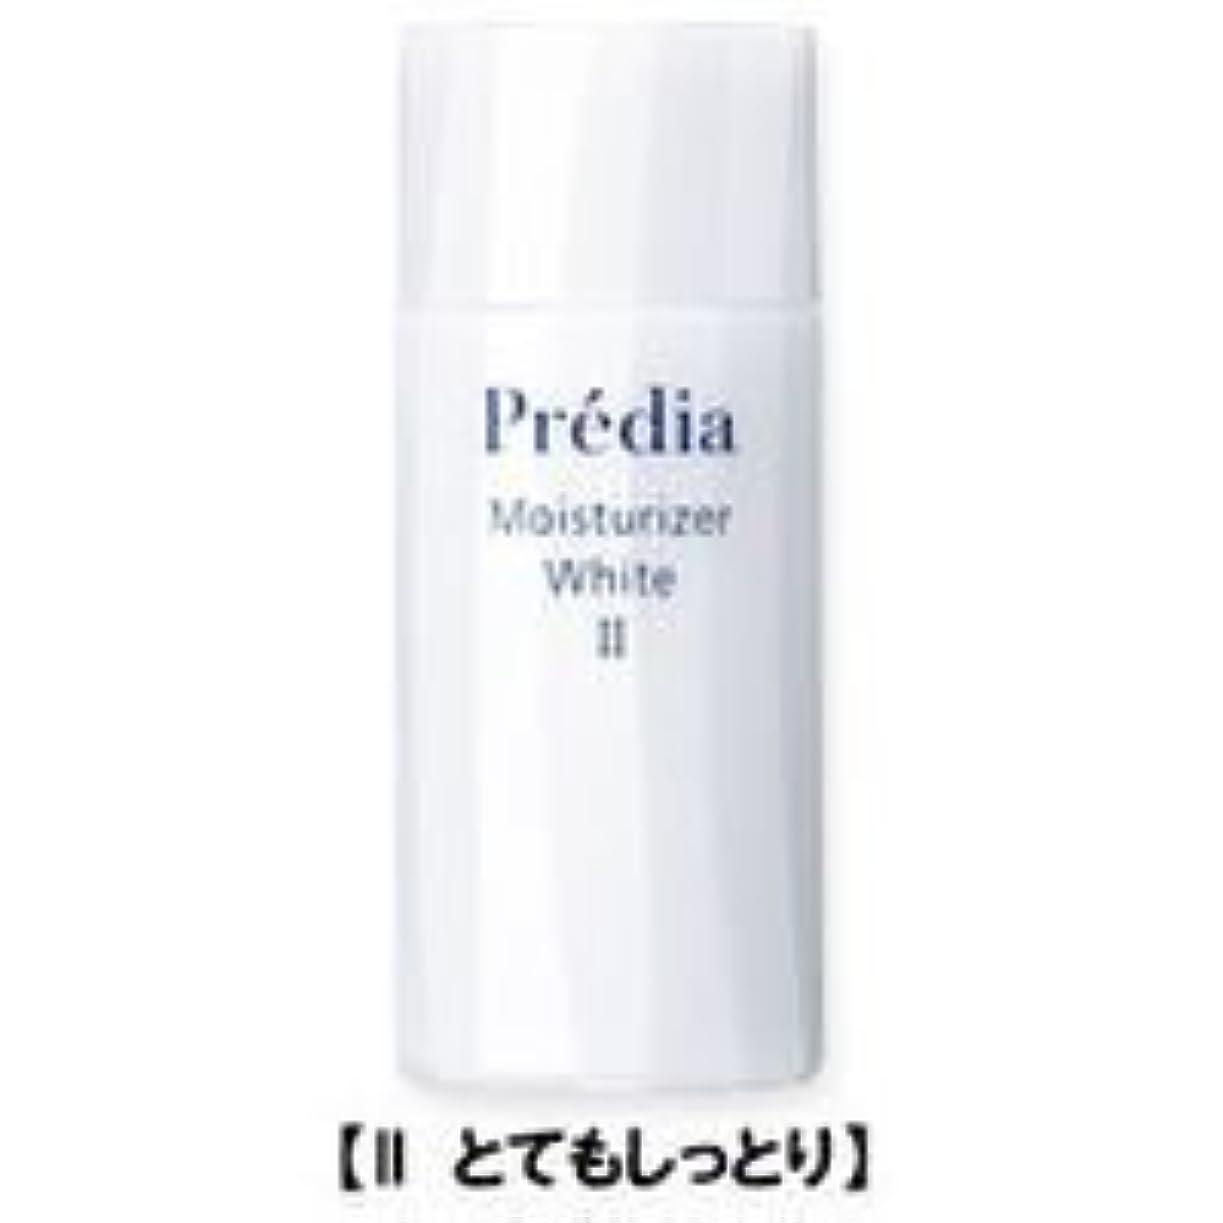 セラー蓮上にコーセー プレディア モイスチュアライザー ホワイト II とてもしっとり 120ml 乳液